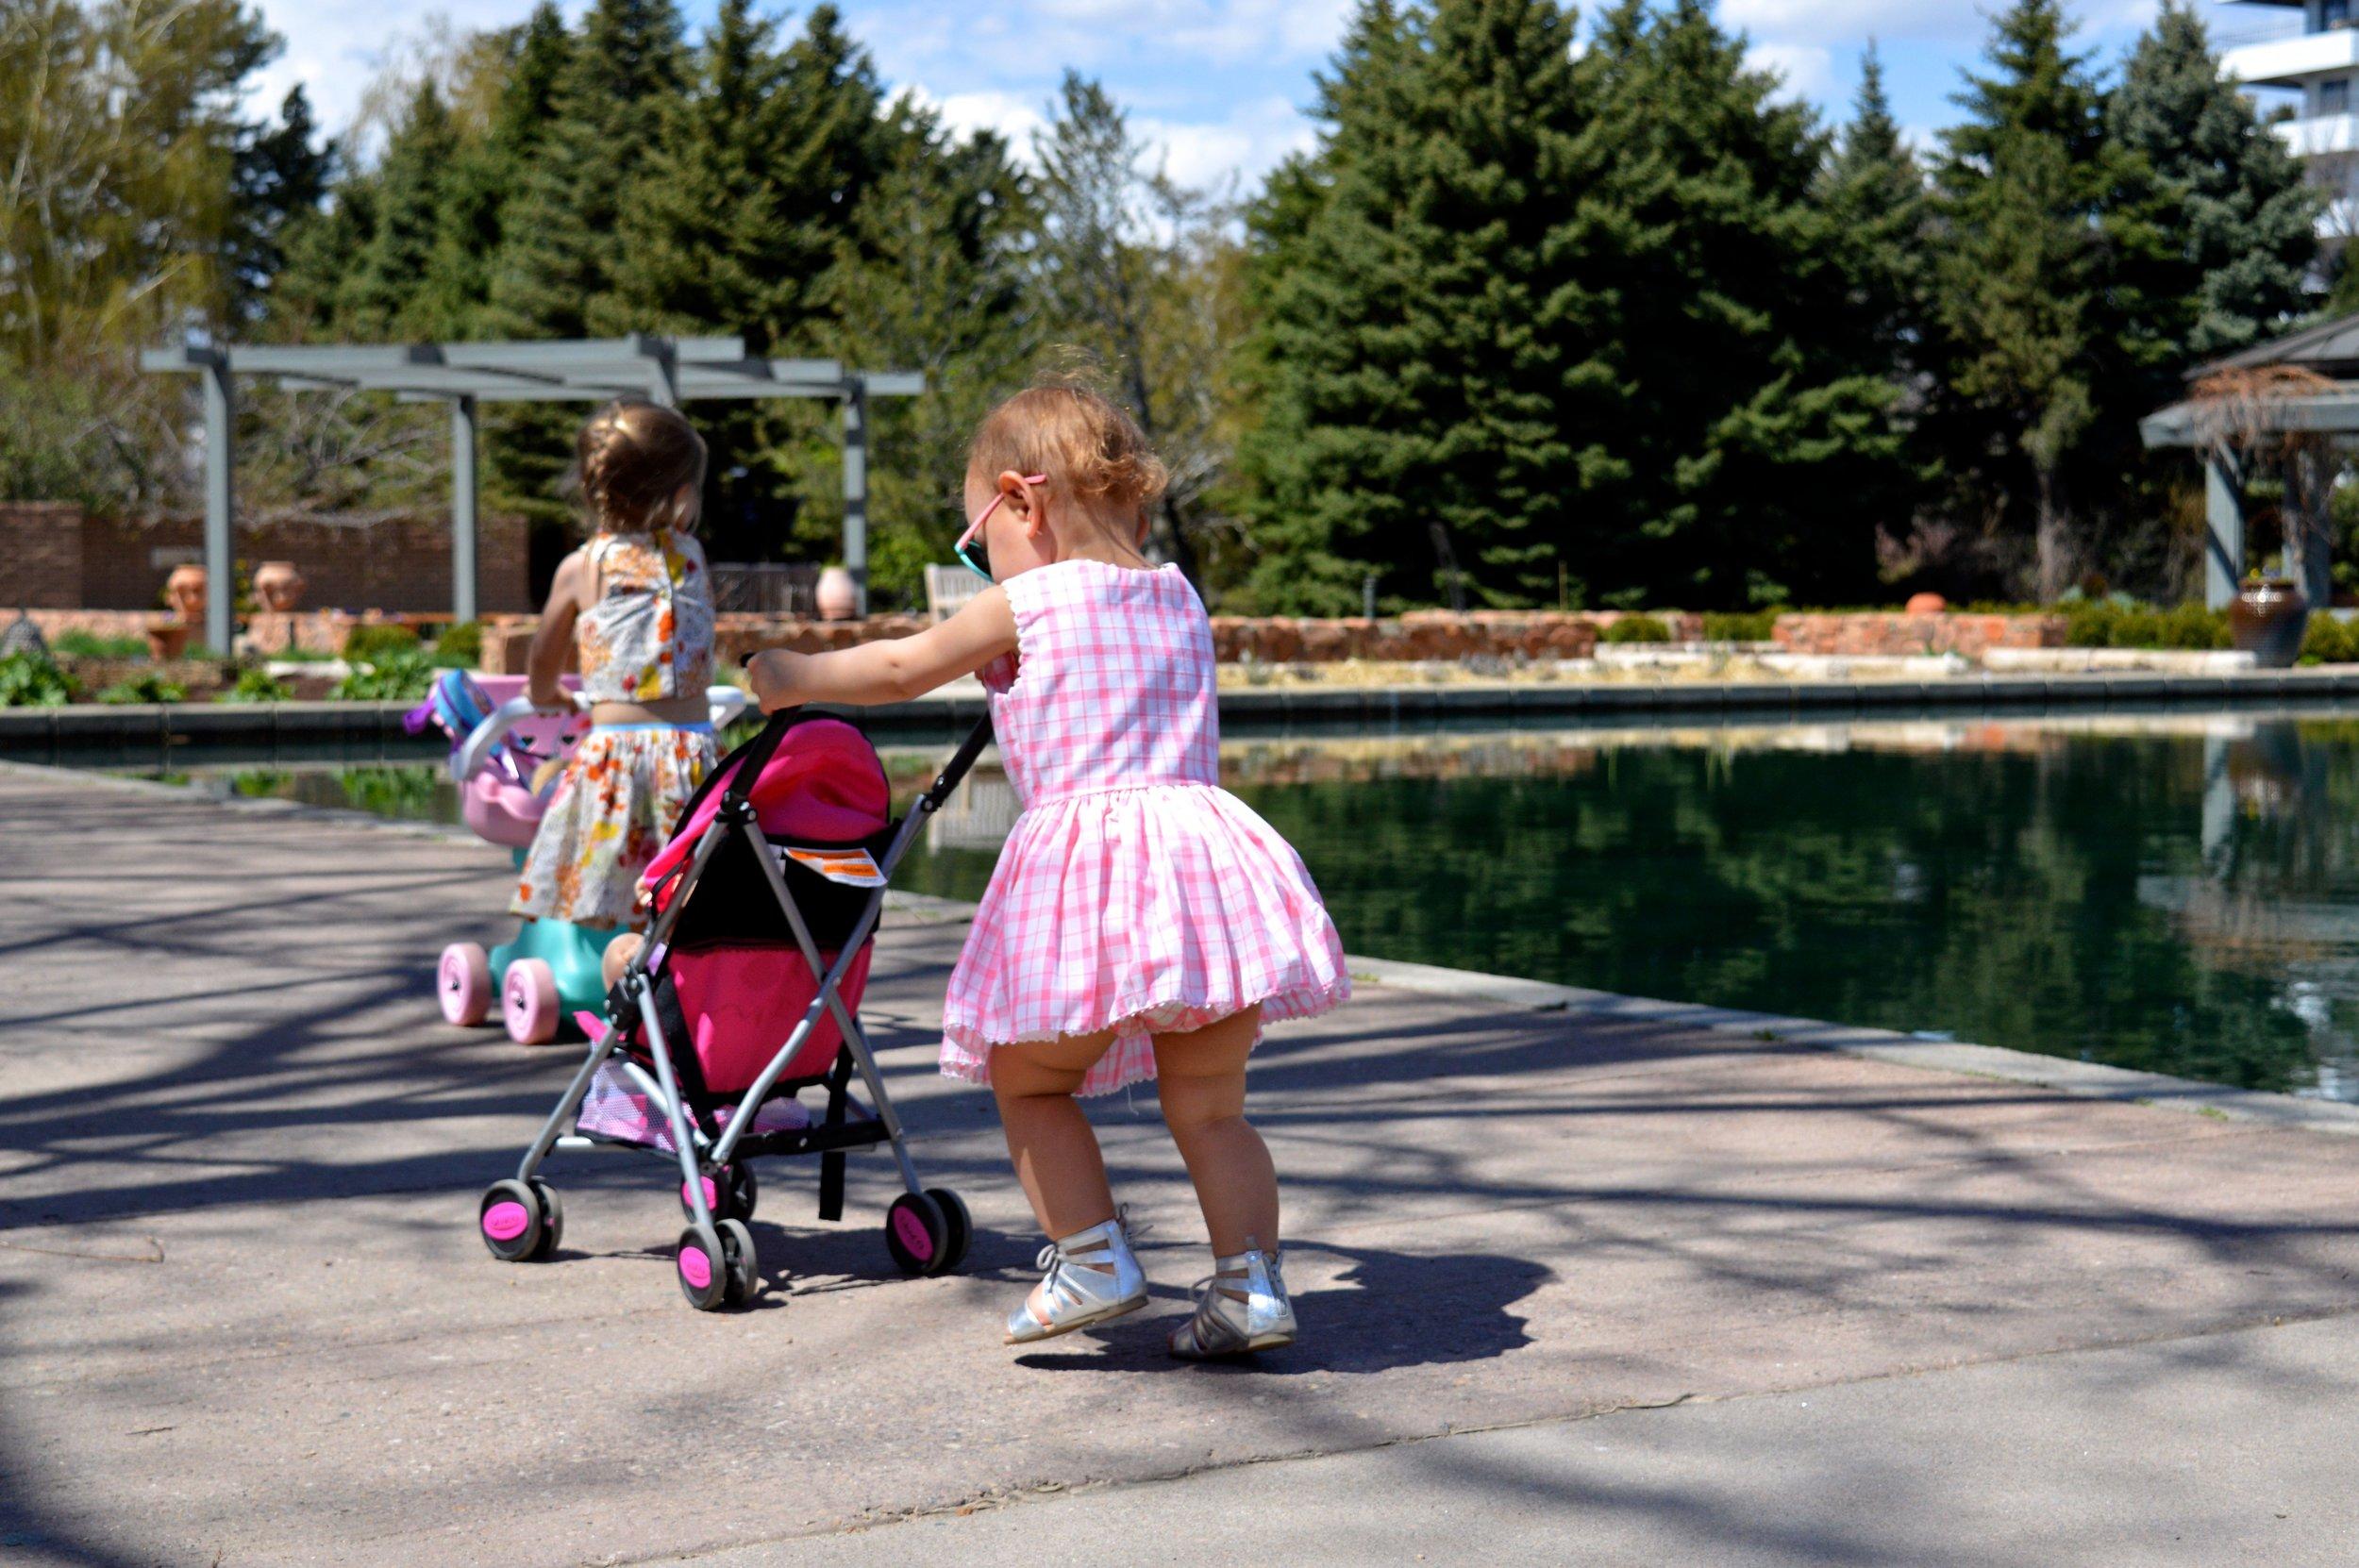 denver-botanic-gardens-April-13-8.jpg